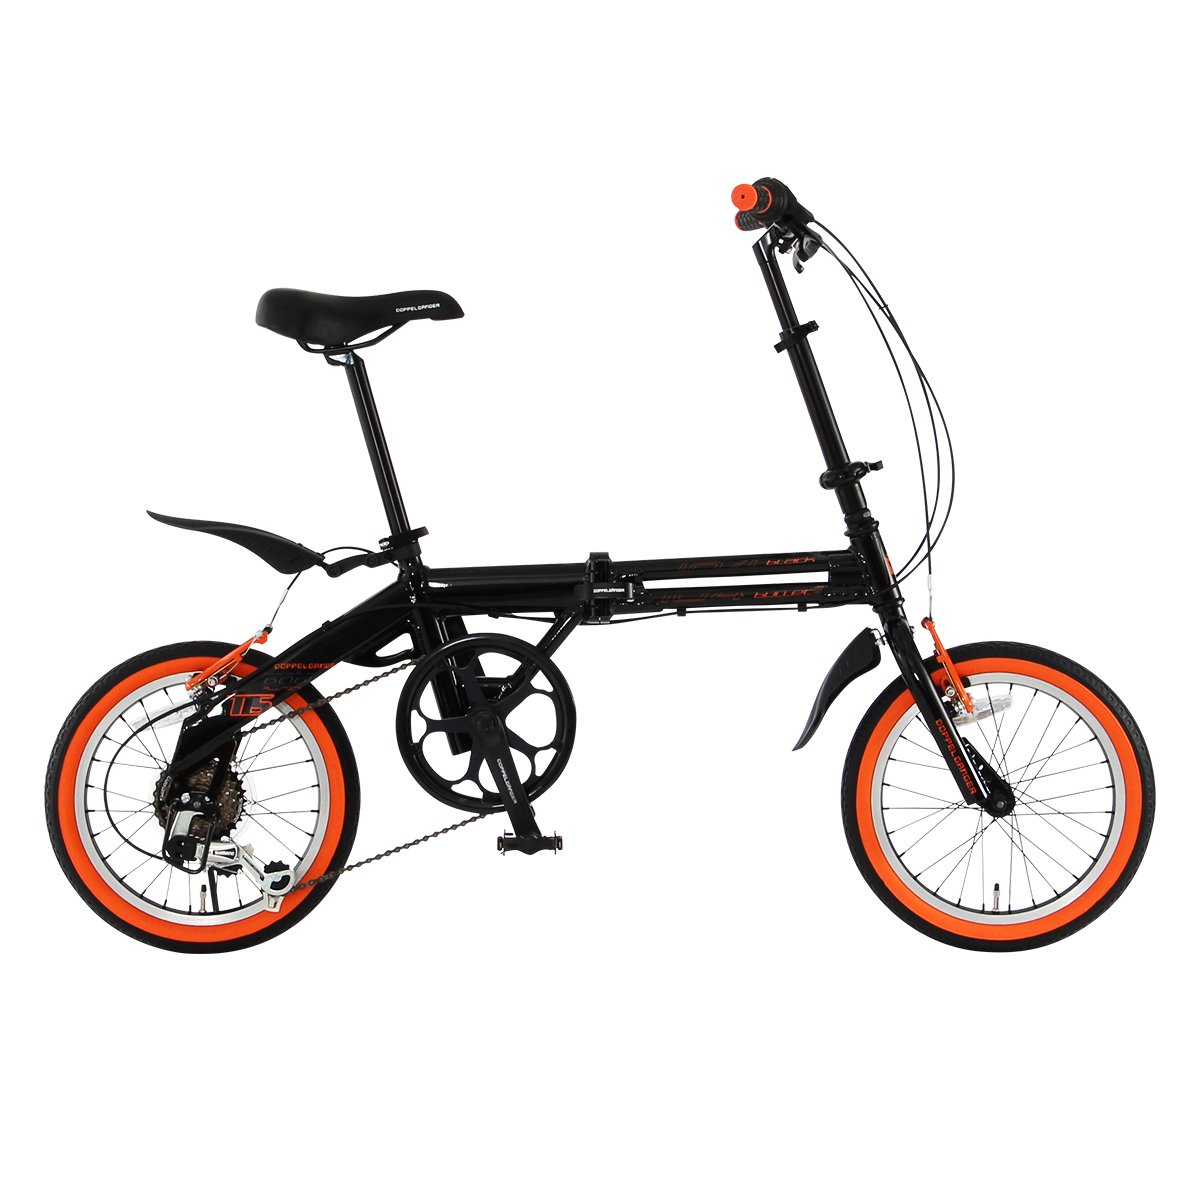 DOPPELGANGER(ドッペルギャンガー) 折りたたみ自転車 FALTRADシリーズ BLACKBULLET II 104-DP 16インチ 軽量アルミフレーム採用モデル B004D257NG